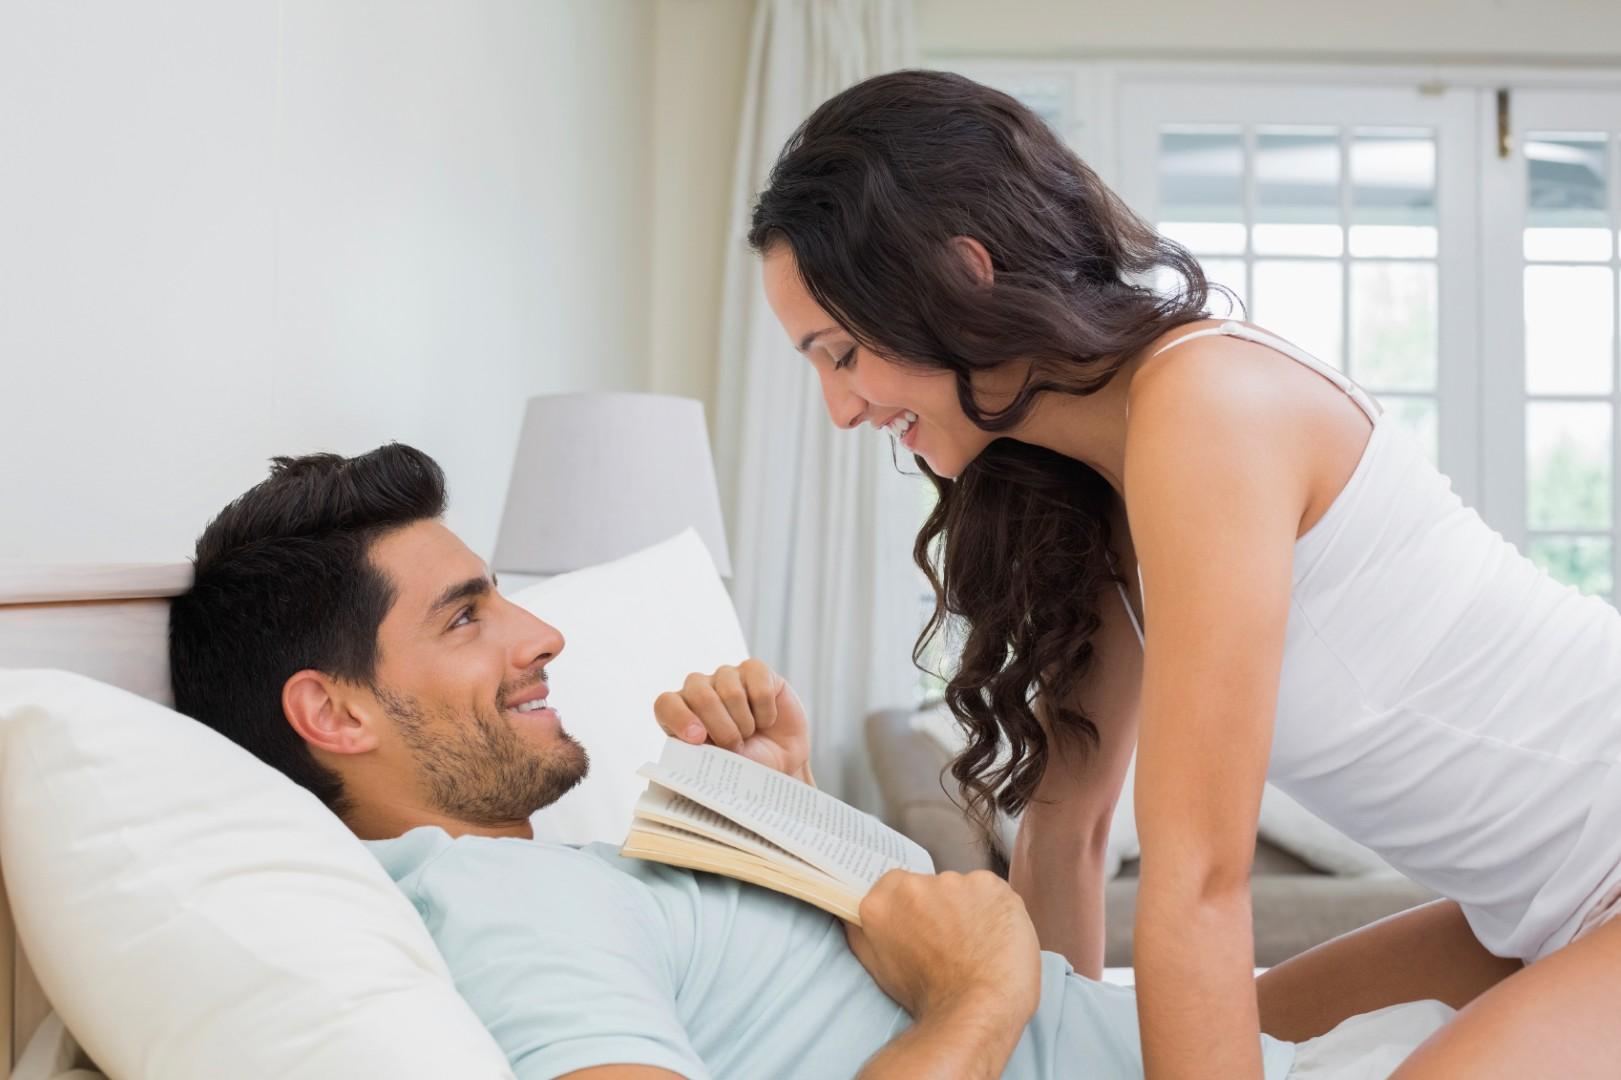 trucchi per fare sesso donne massaggiatrici